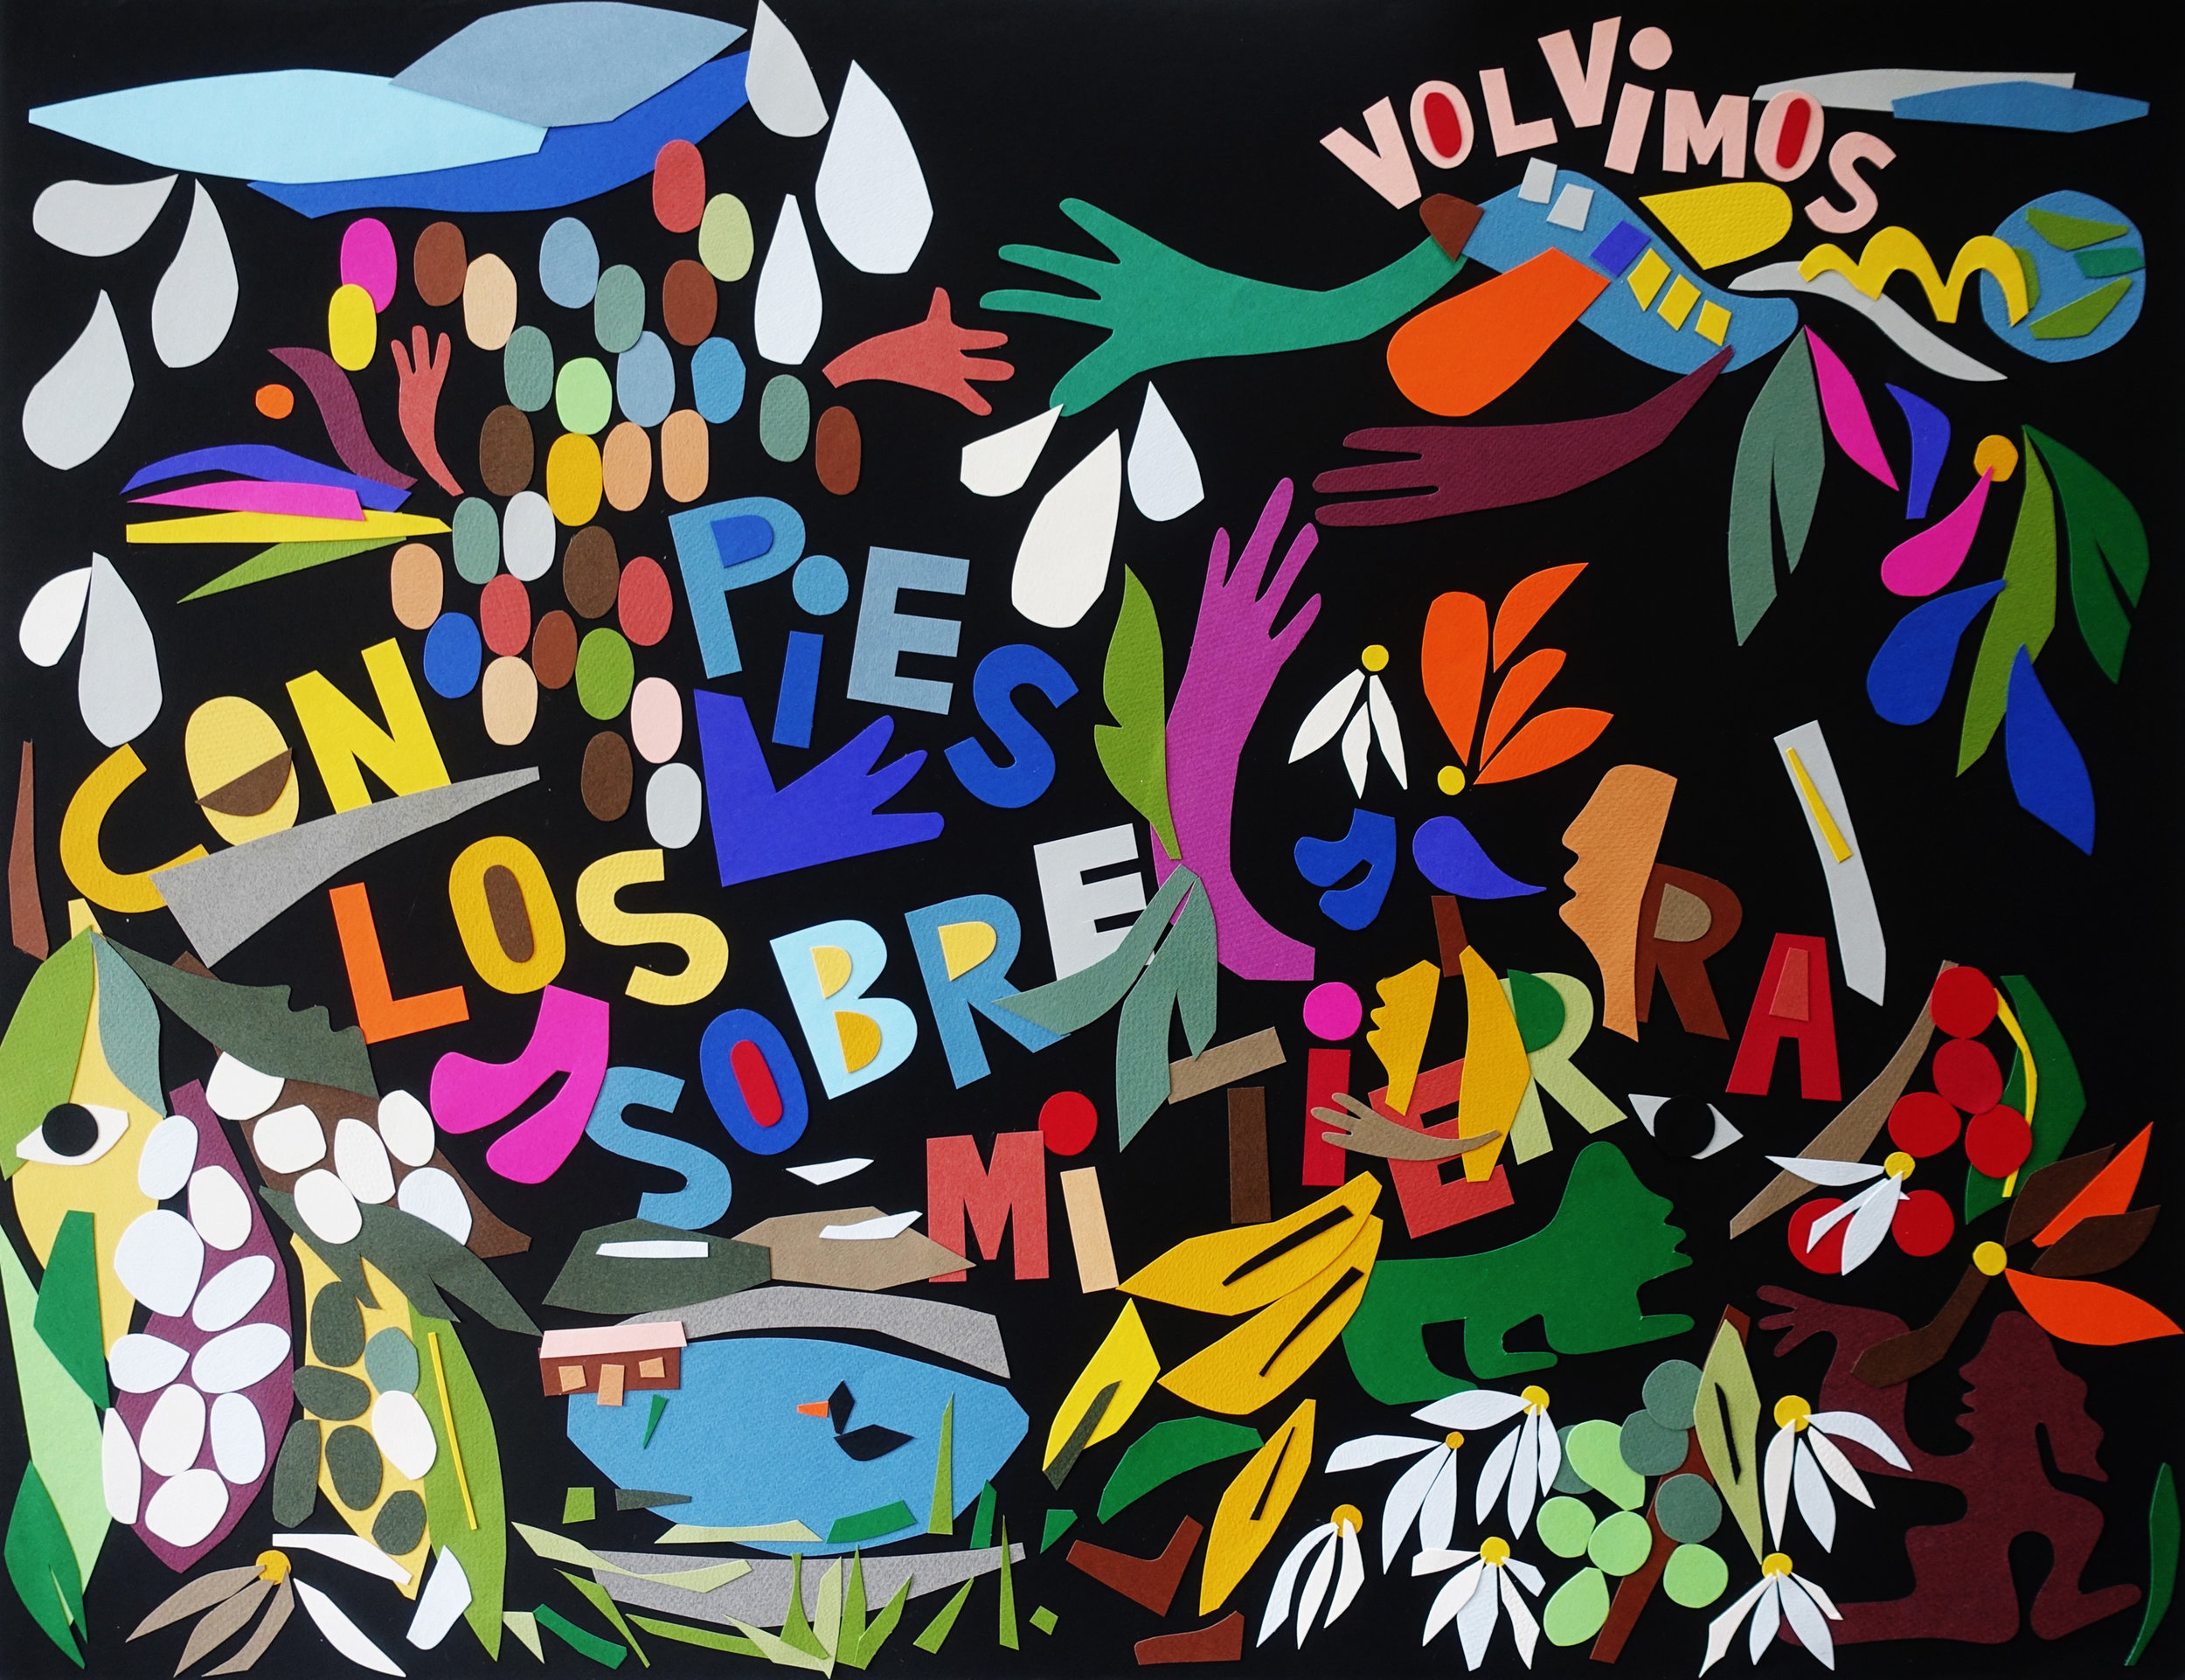 Con Los Pies Sobre Mi Tierra  by Nadia Hernández.